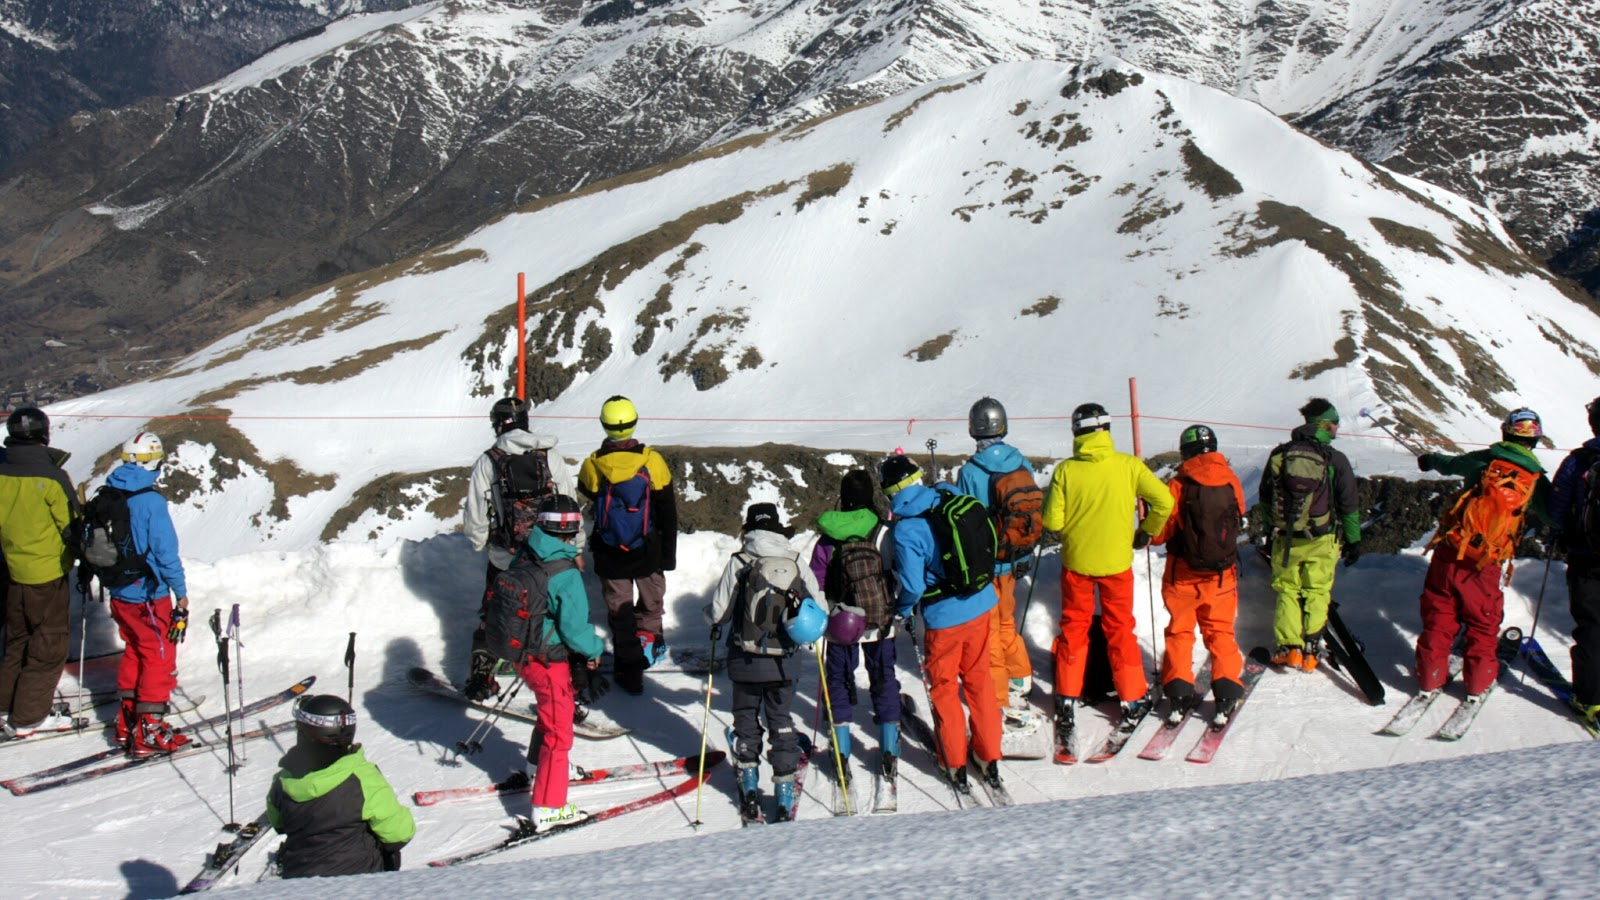 Visita al Valle de Boi…Día de competición!.